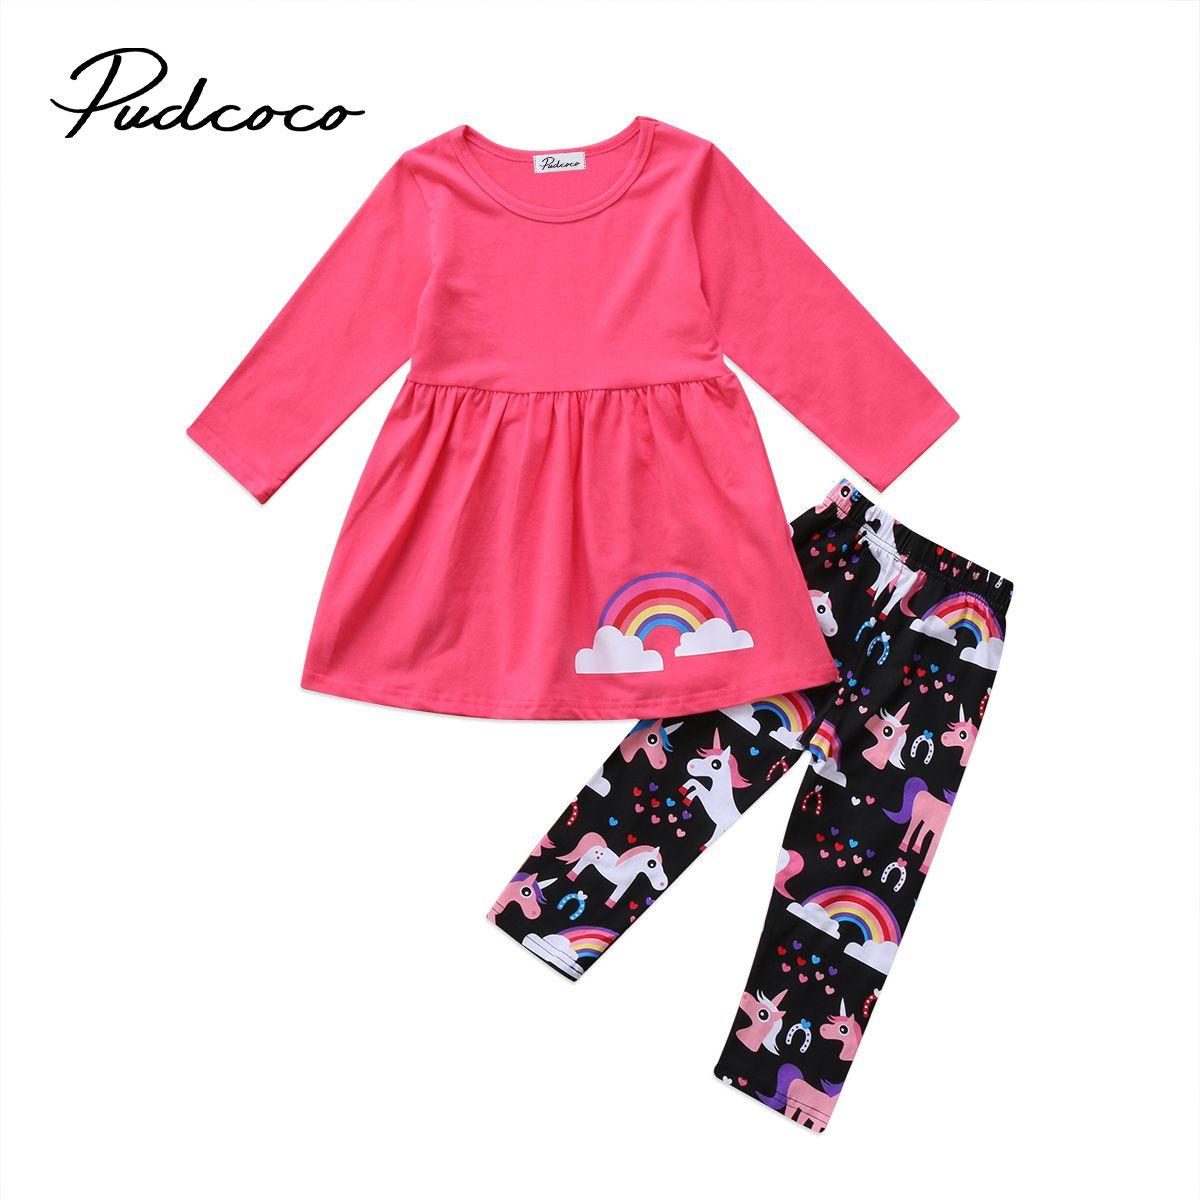 Enfant Enfants Bébé Filles Vêtements Set Licorne Imprimer Tops T-shirt Leggings Pantalon Hiver Coton Vêtements Tenues À Manches Longues 2 pcs